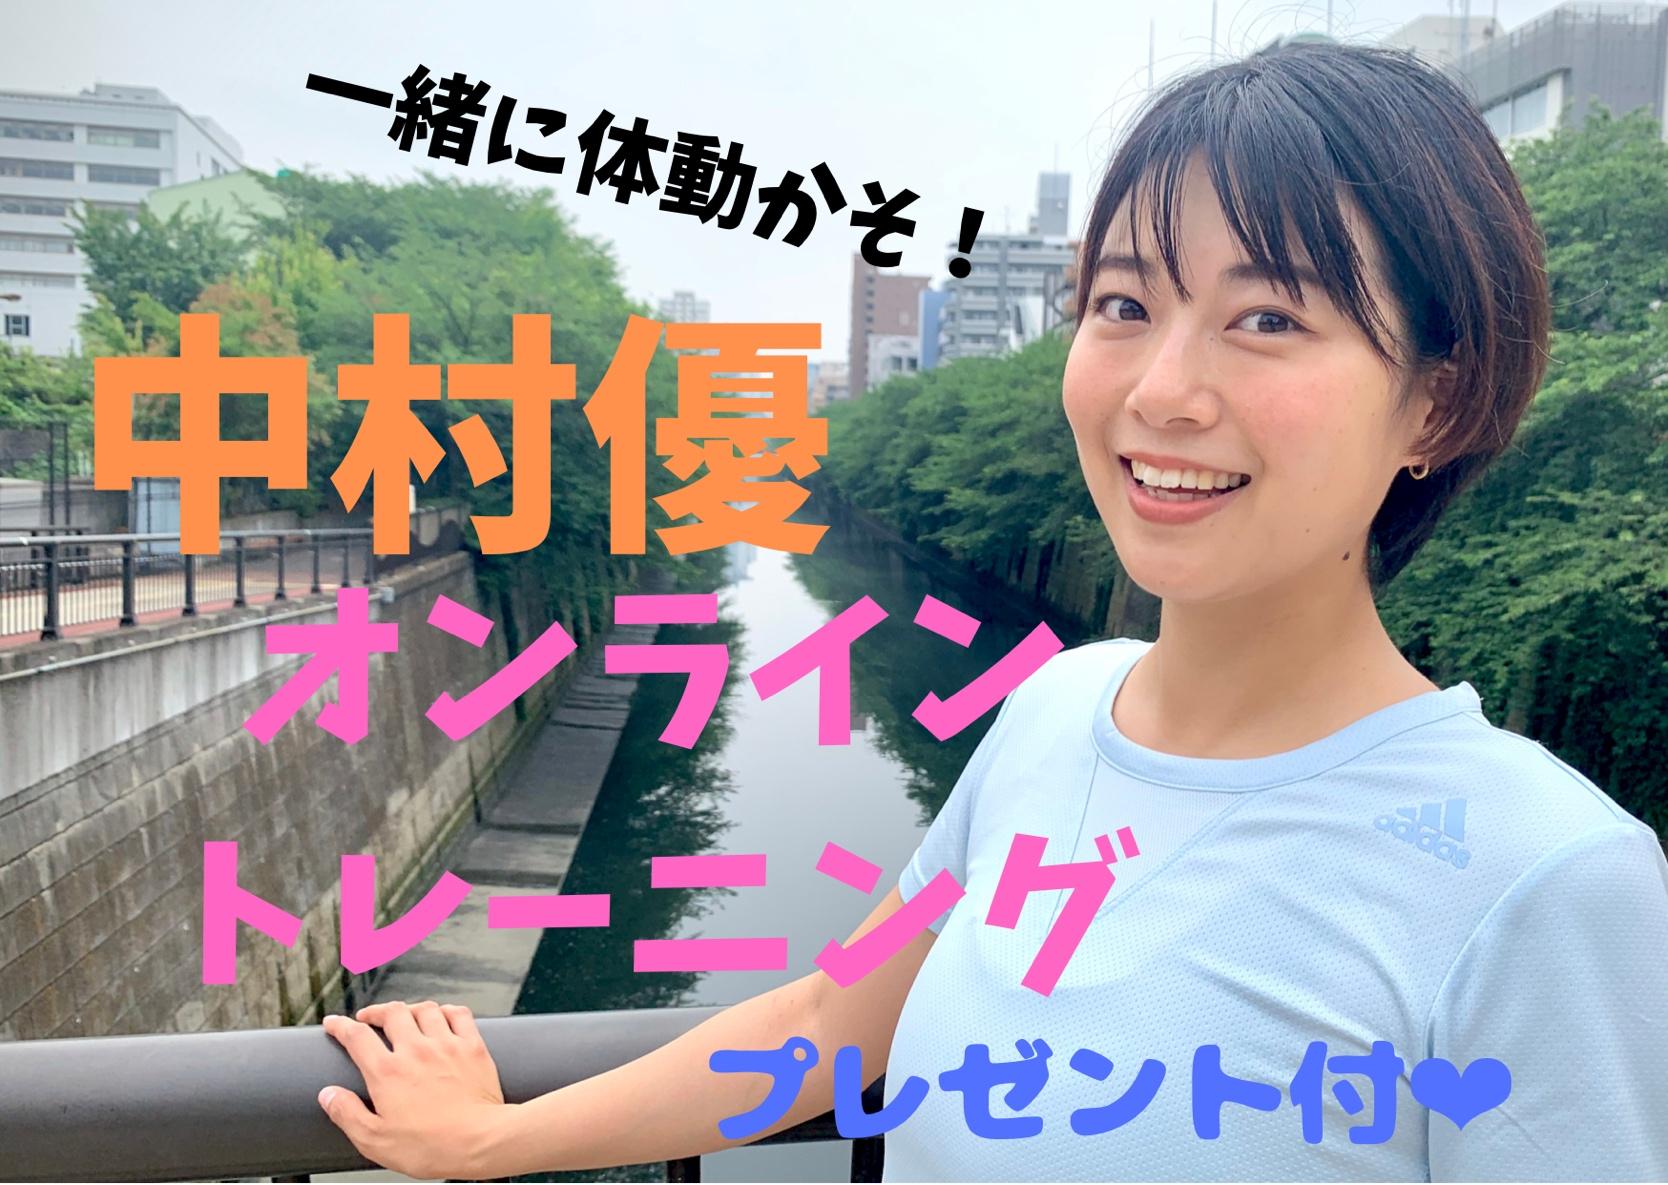 [ONLINE]中村優とおうちトレーニング 21.01.31 sun.